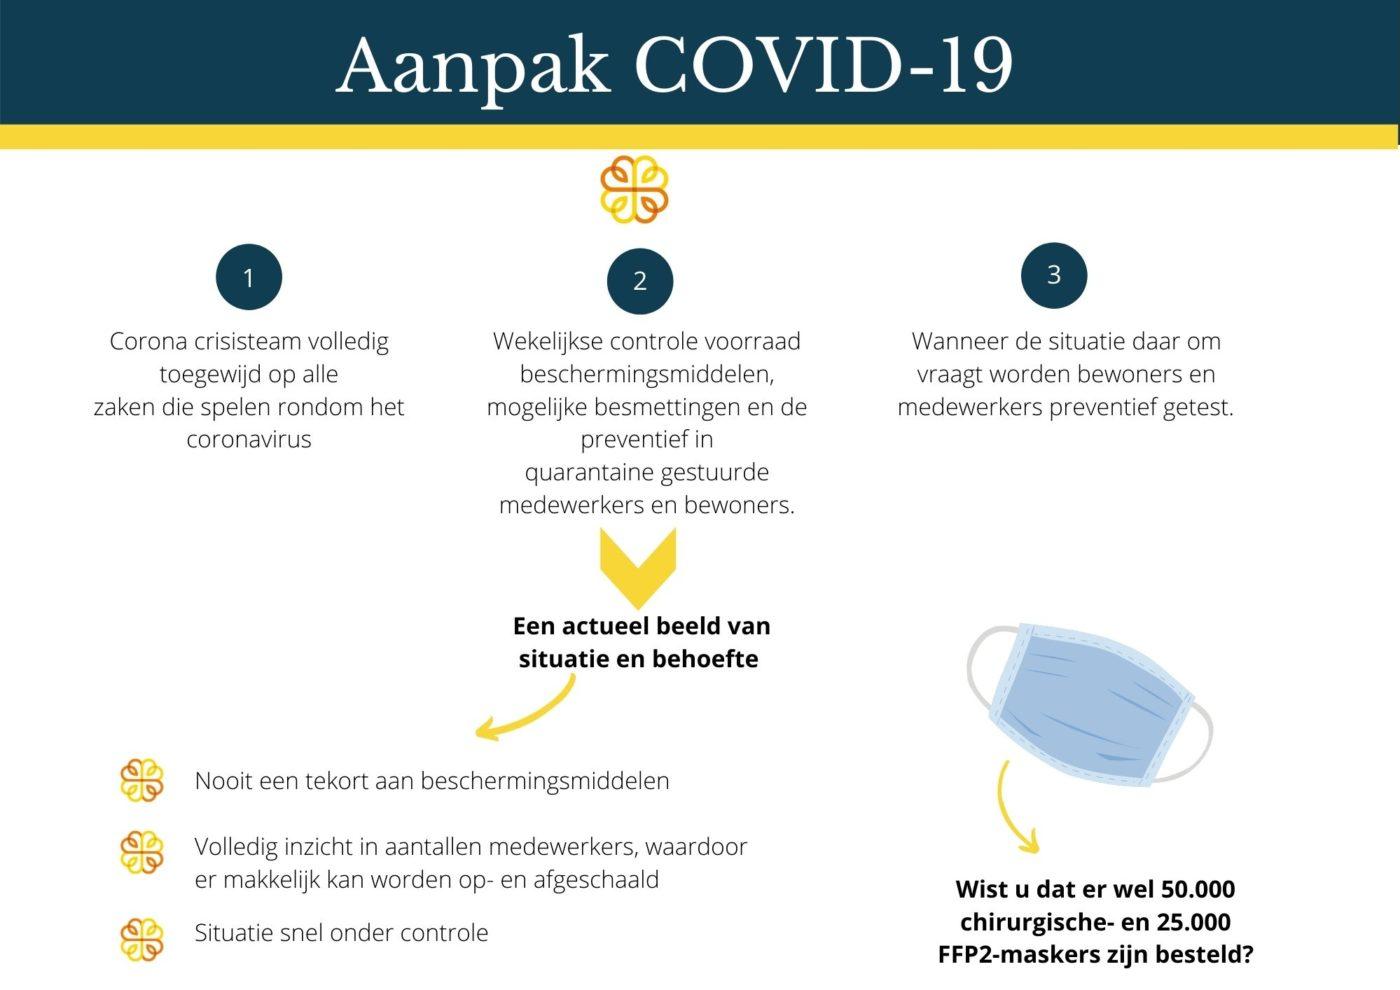 Aanpak COVID-19 bij Het Gouden Hart